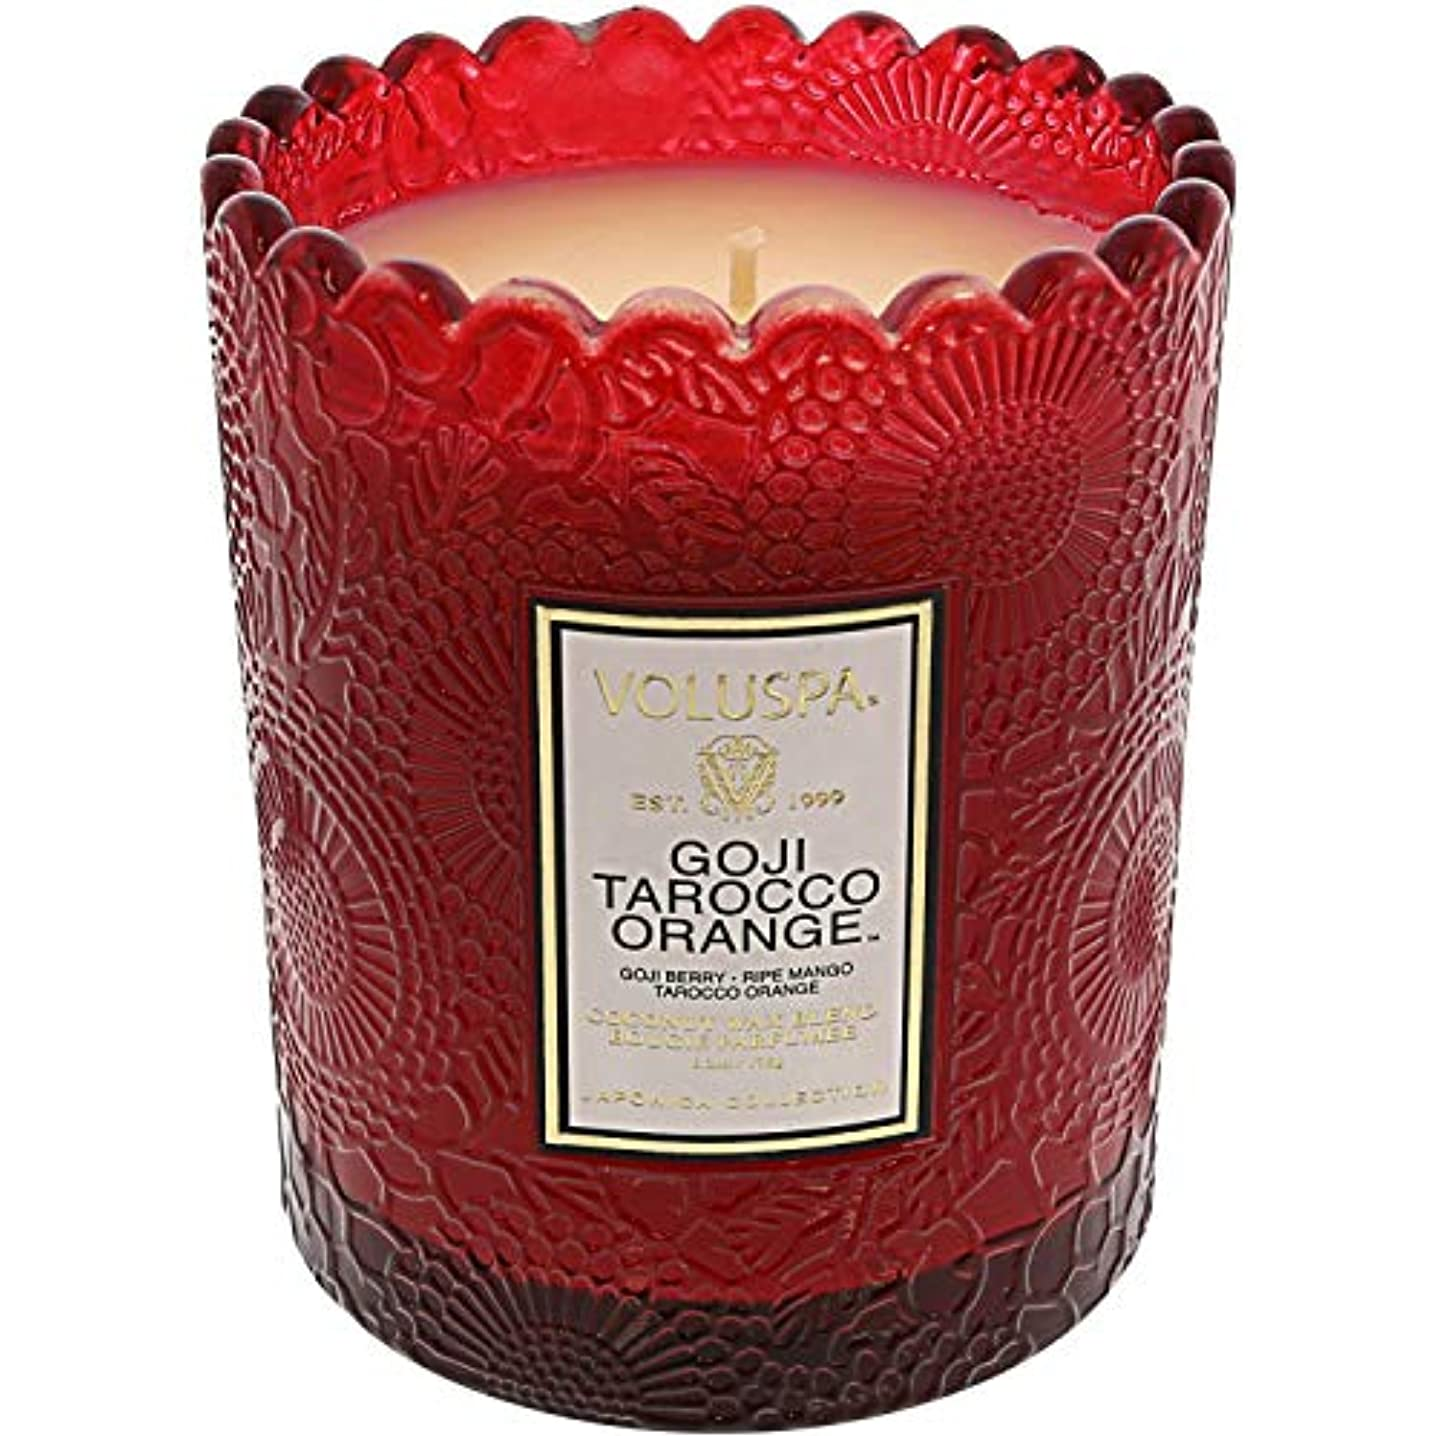 おんどり取る鋭くVoluspa ボルスパ ジャポニカ リミテッド スカラップグラスキャンドル  ゴージ&タロッコオレンジ GOJI & TAROCCO ORANGE JAPONICA Limited SCALLOPED EDGE Glass Candle